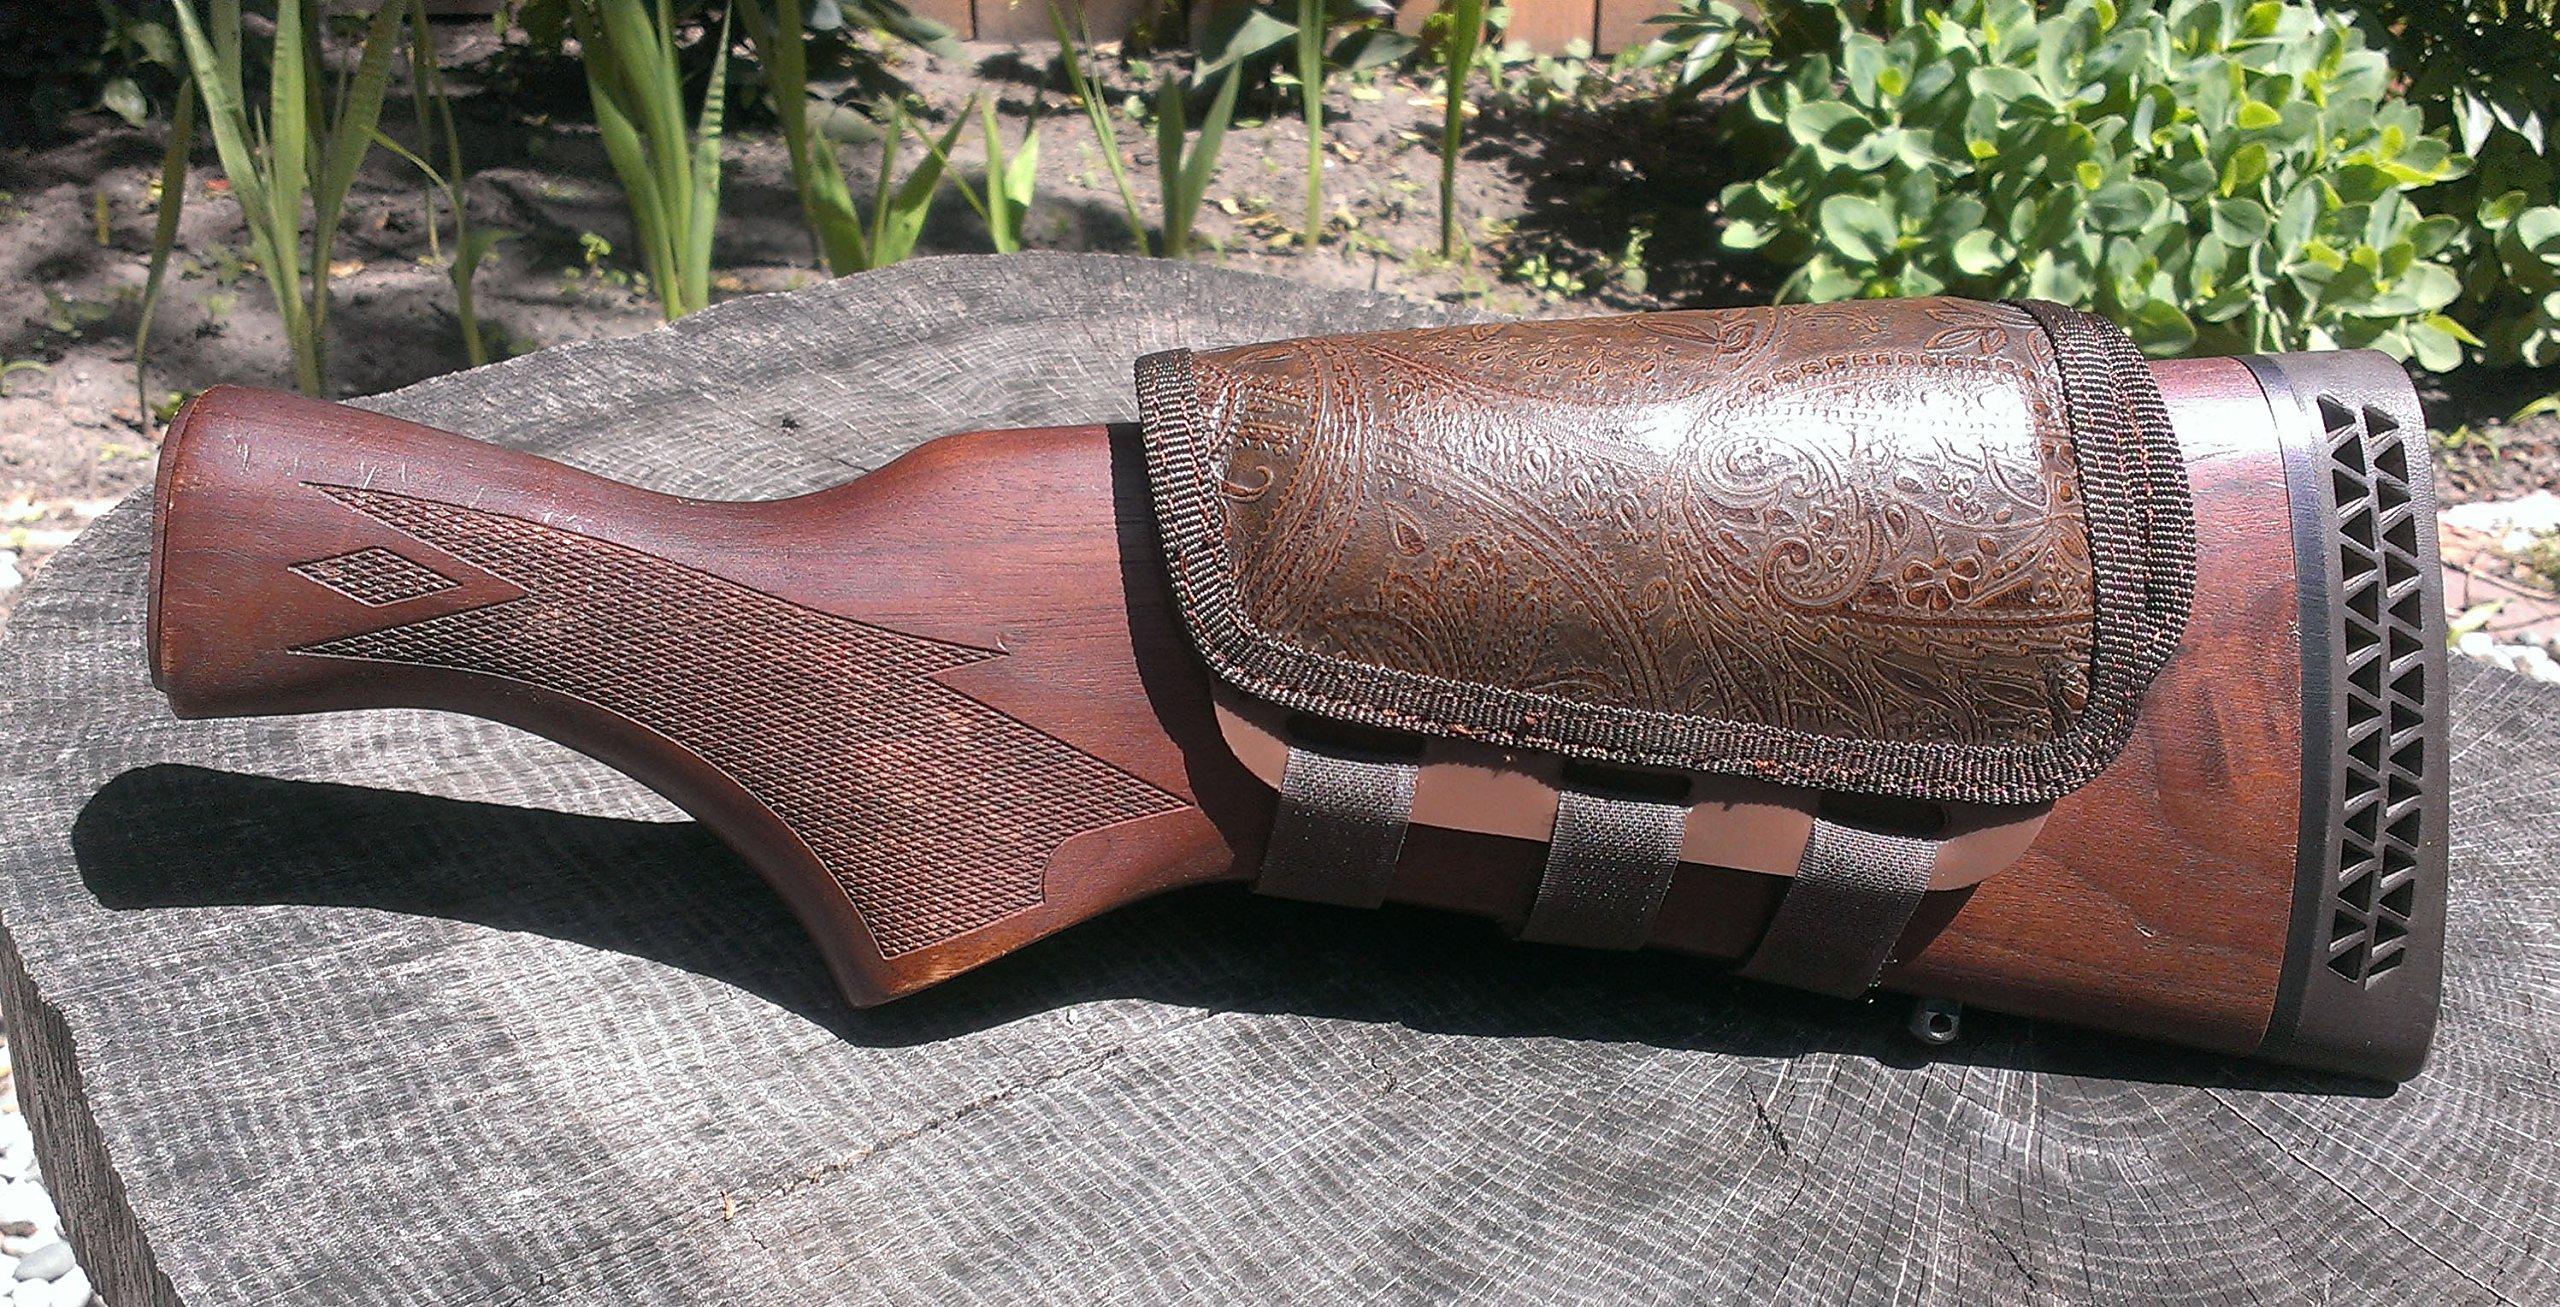 ITC Rifle Cheek Pad/Cheek Riser/CheekRest Marksmanship (Old World Paisley Leather) by ITC